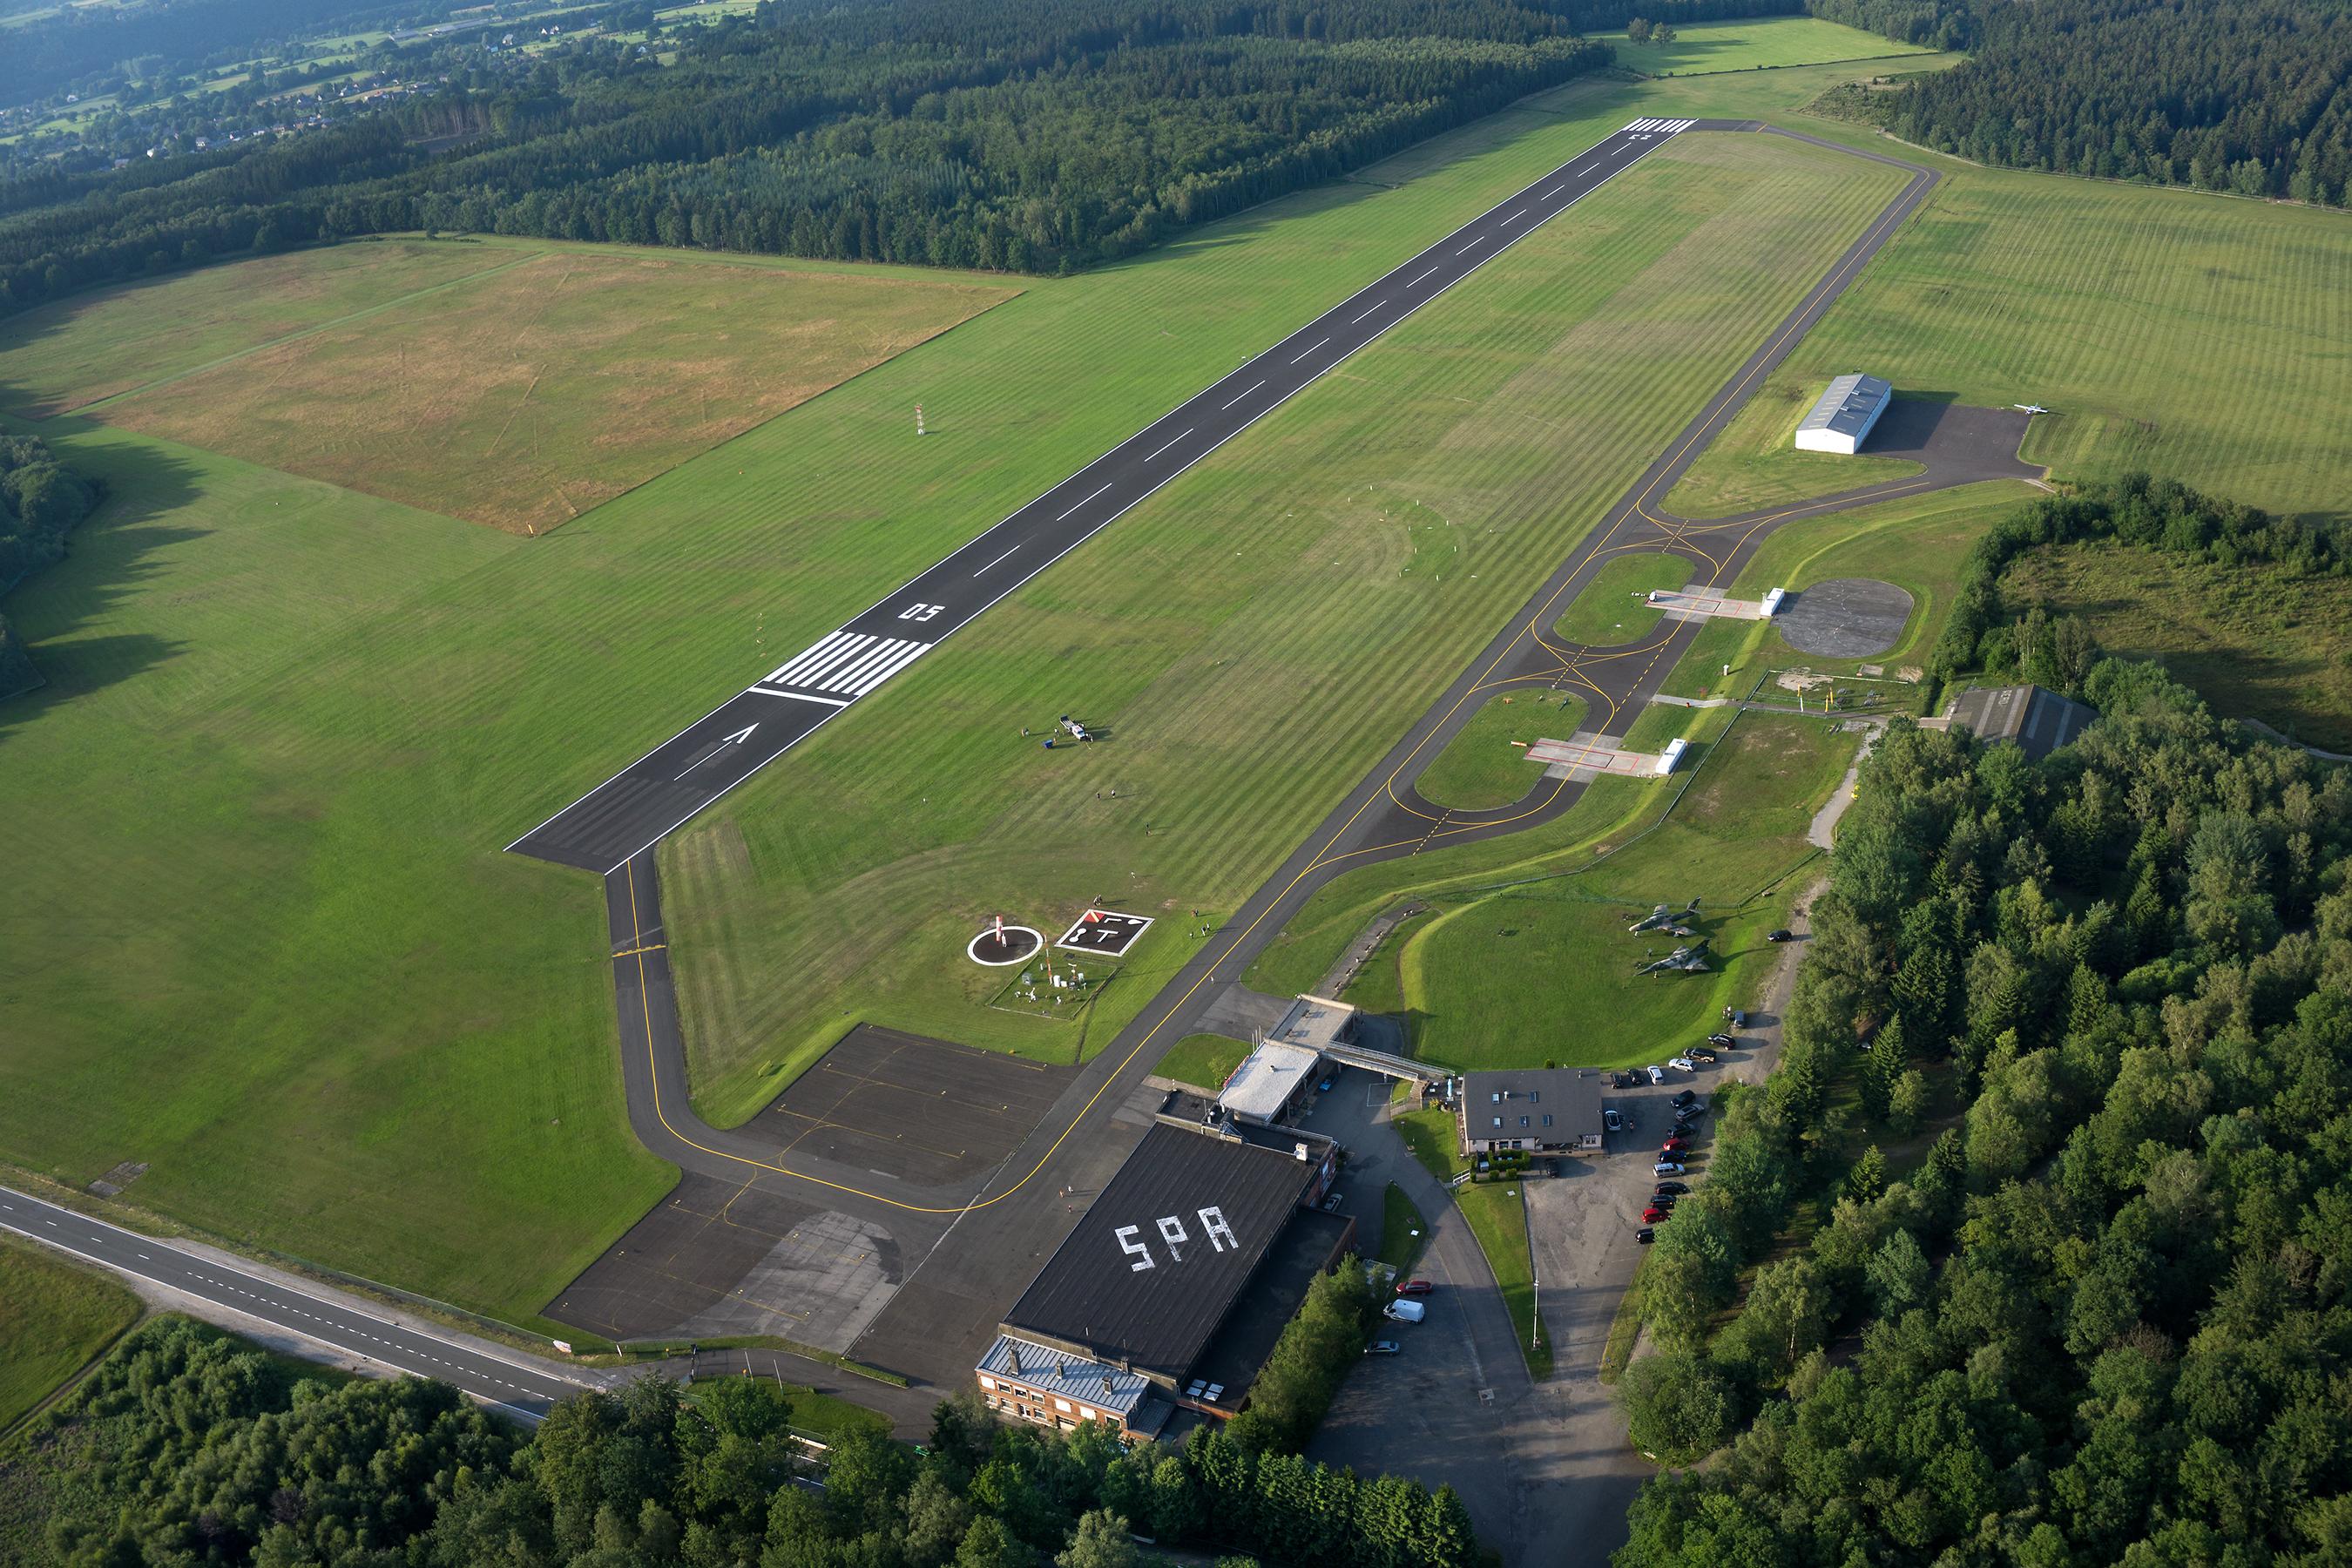 Spa La Sauveni Ef Bf Bdre Airport